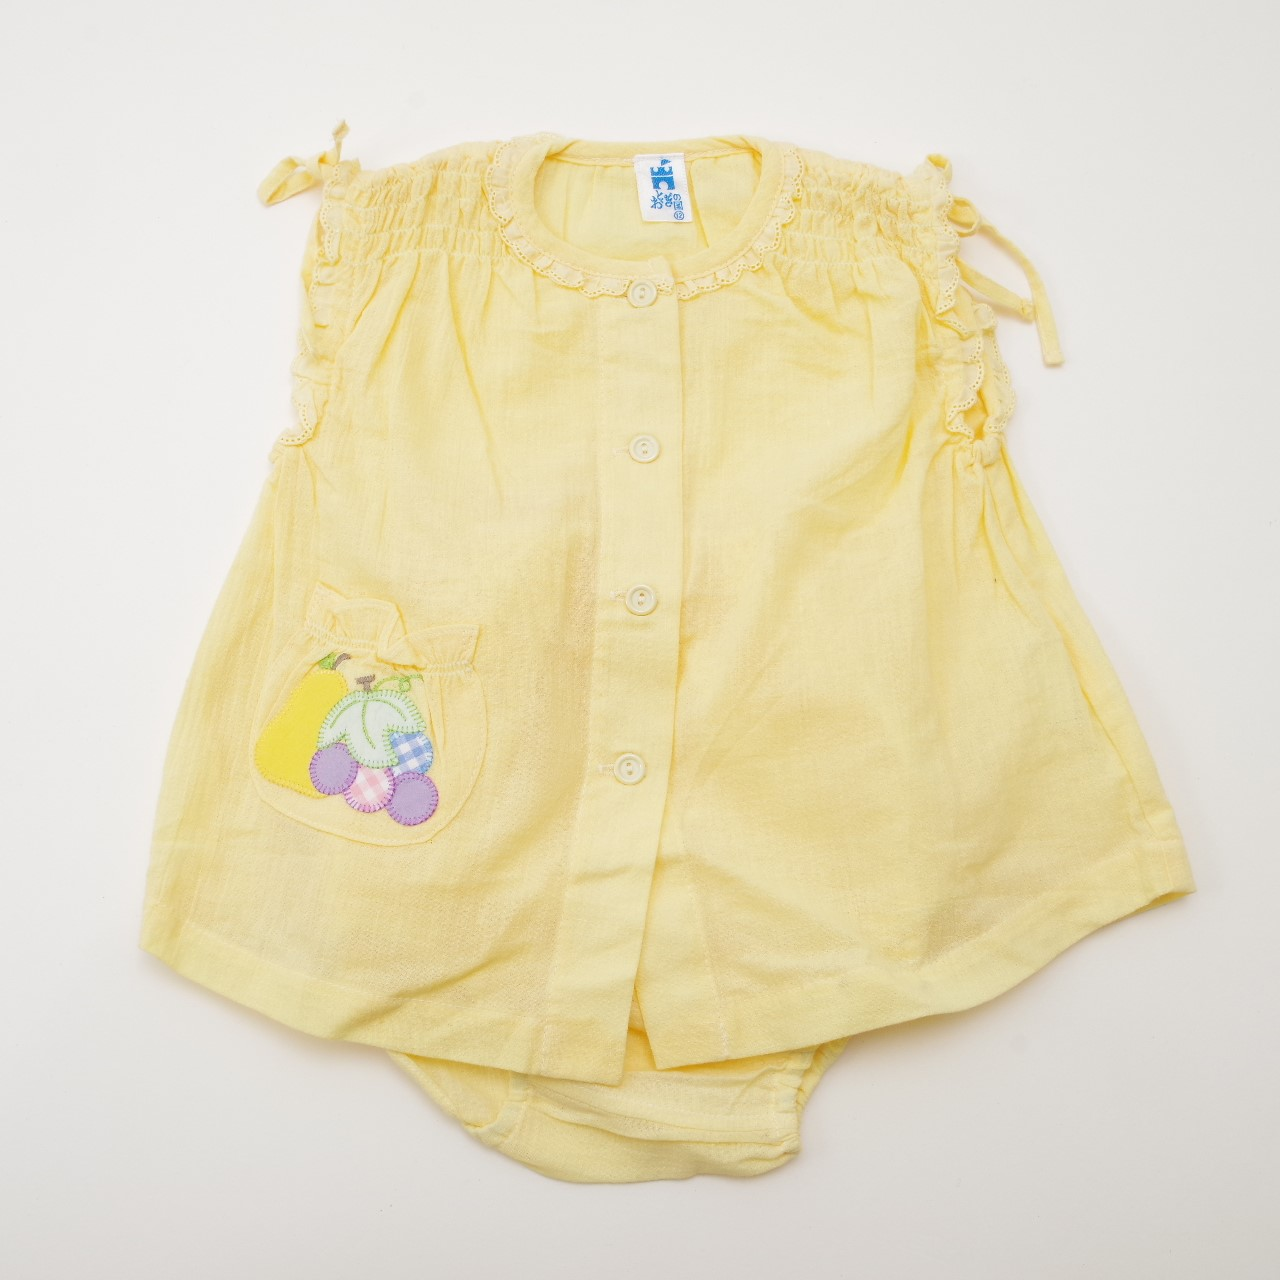 レトロ おとぎの国のお洋服スーツ 12か月 イエロー (1905-3200)